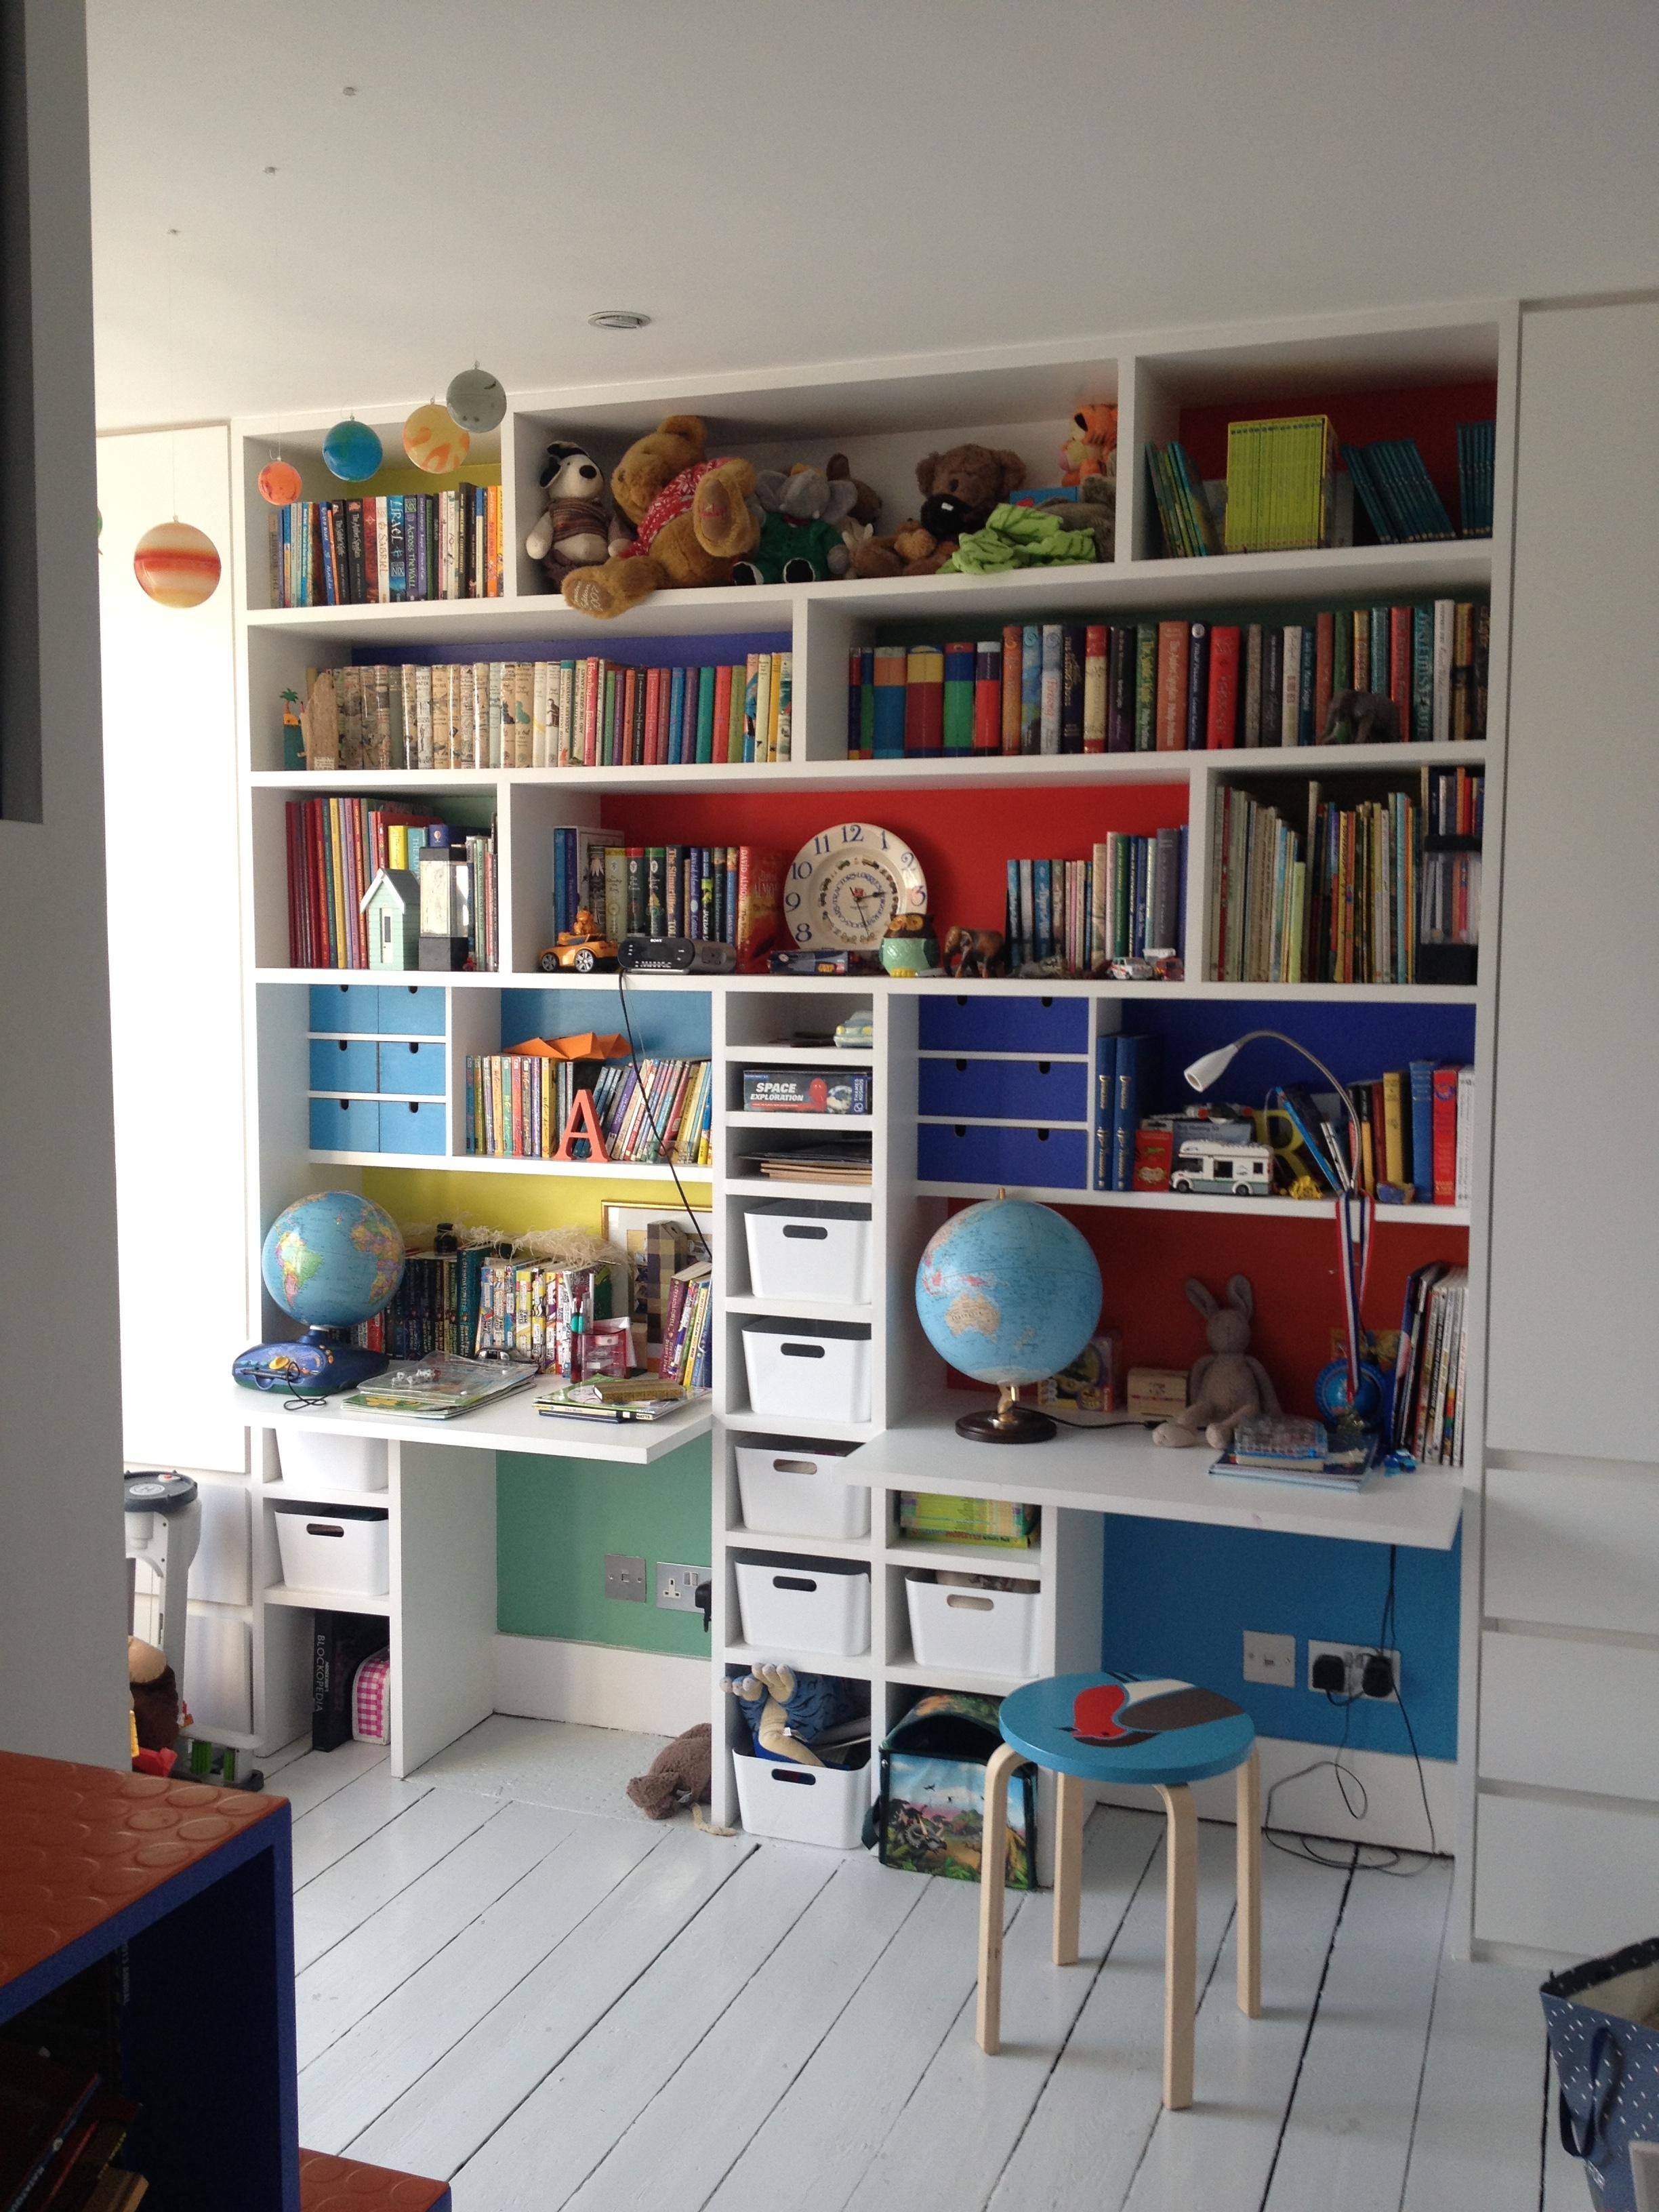 NaomiDay_DeskShelves_3.jpg